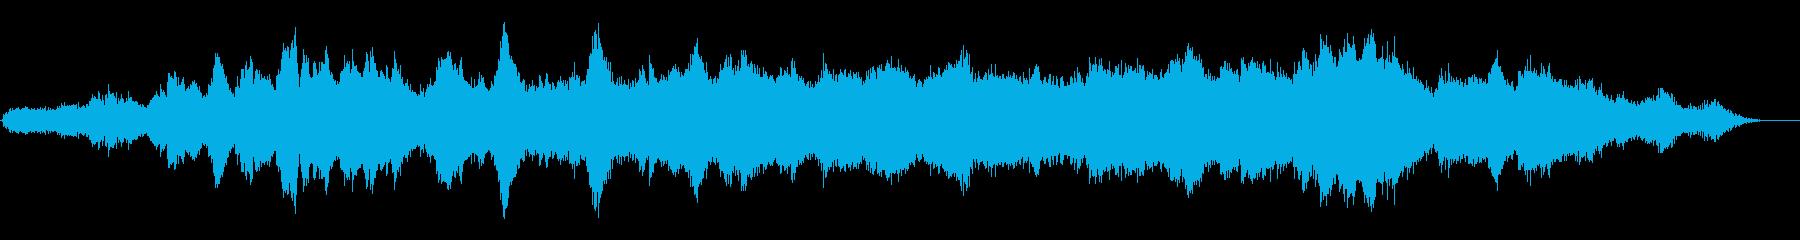 この漂う音は、温かみのある雰囲気の...の再生済みの波形